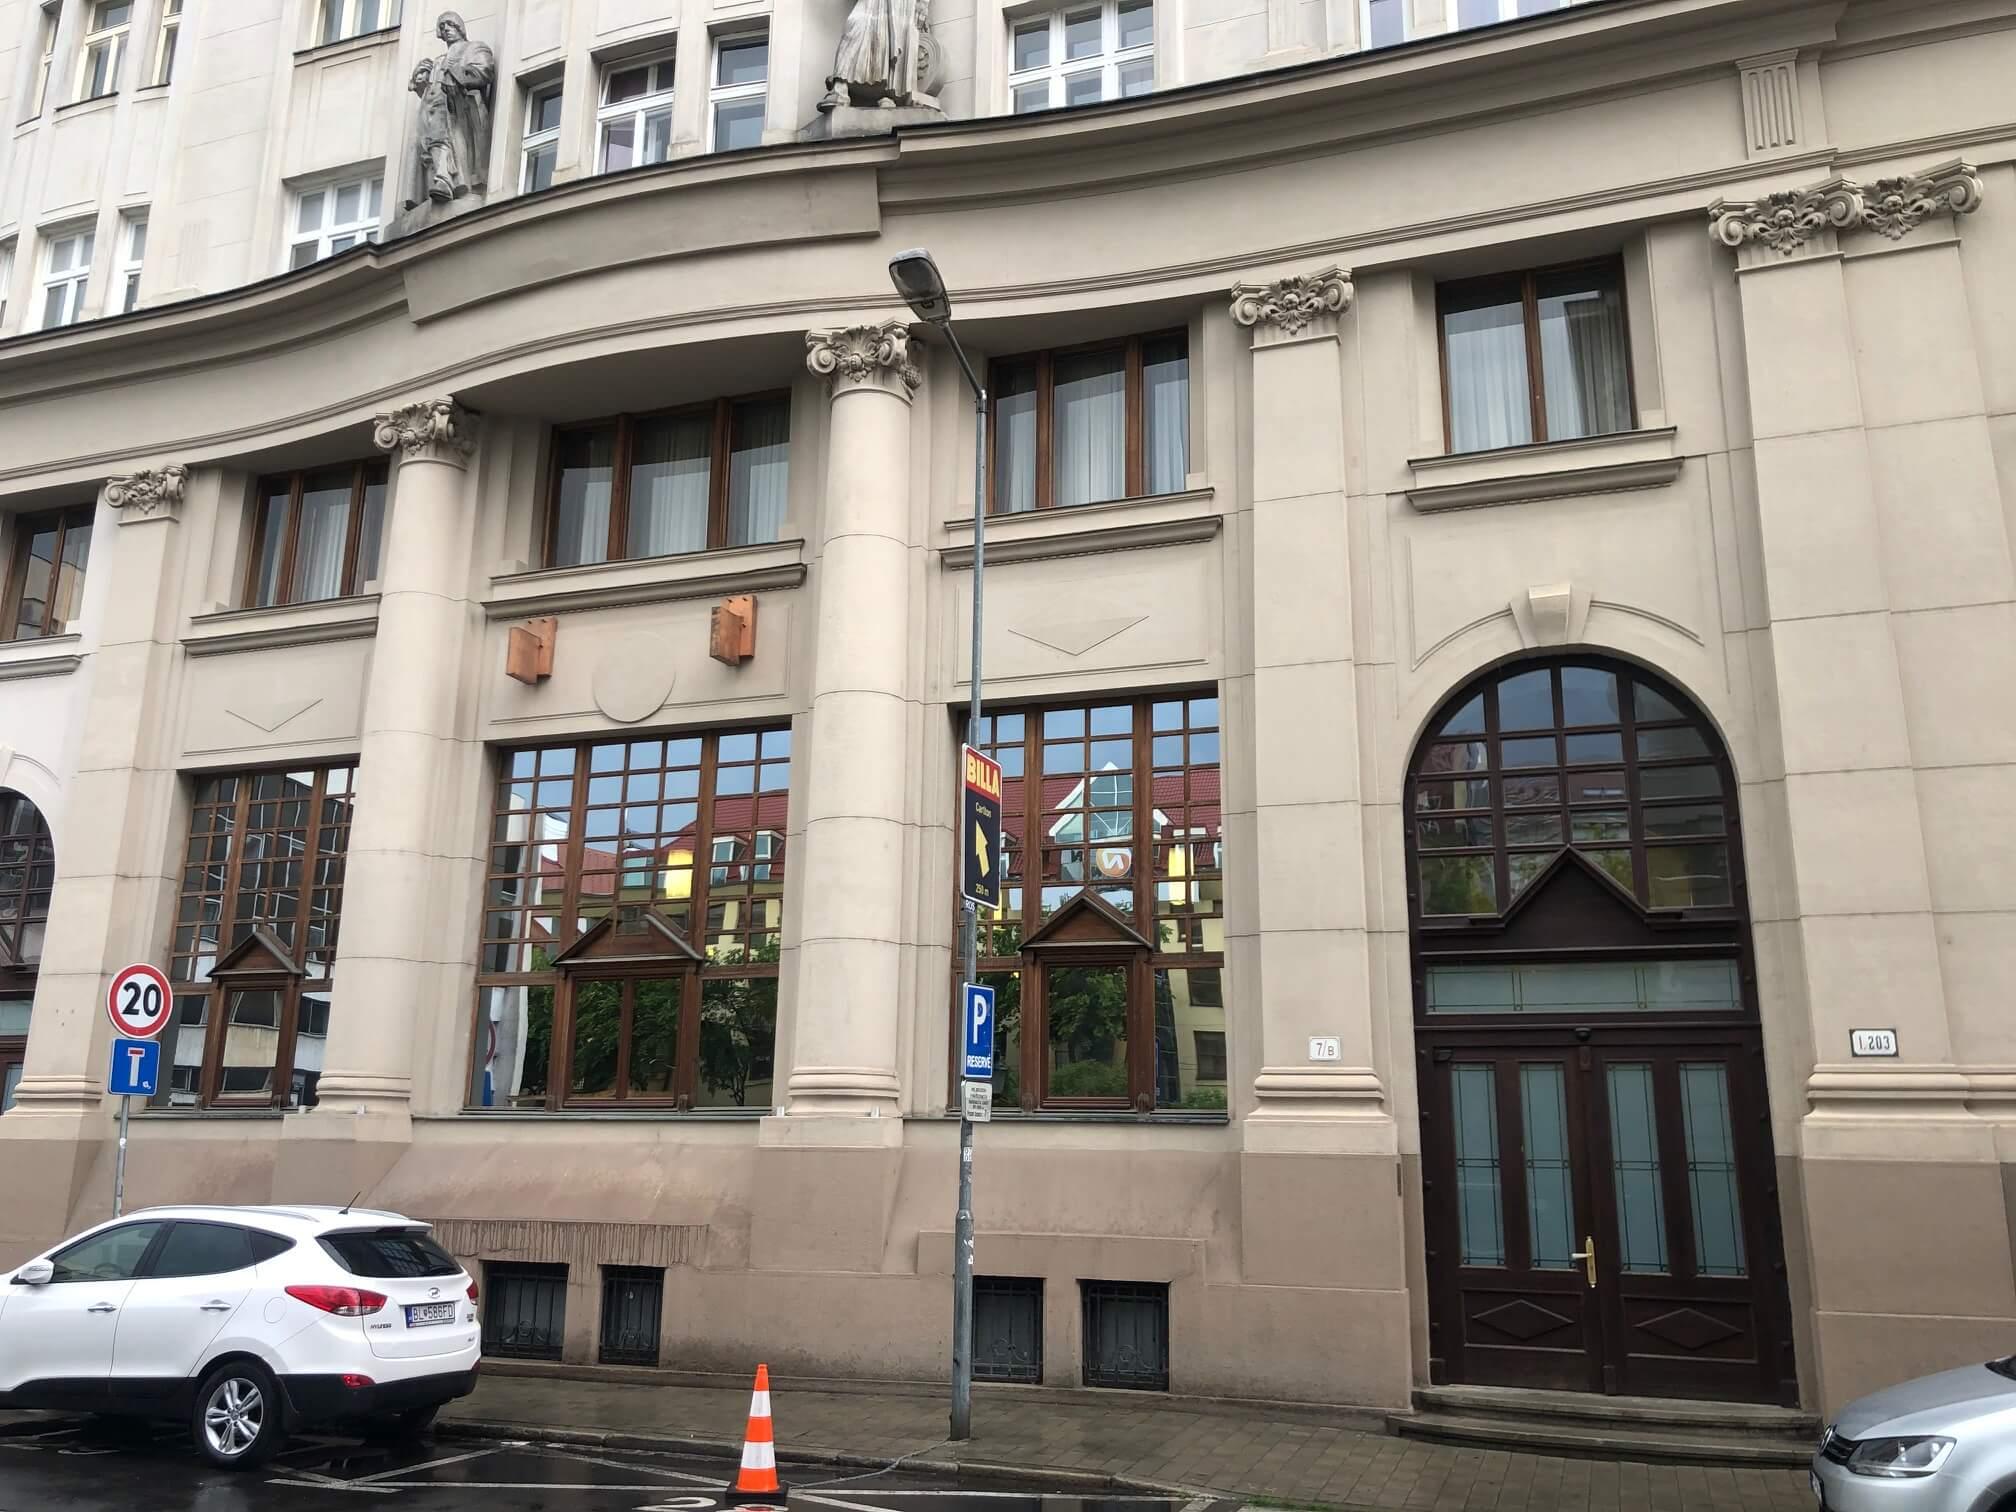 Prenajaté: Na prenájom exkluzívne 2 izbový byt, 73,34m2, v Centre BA, Gorkeho 7, 7 poschodie-0